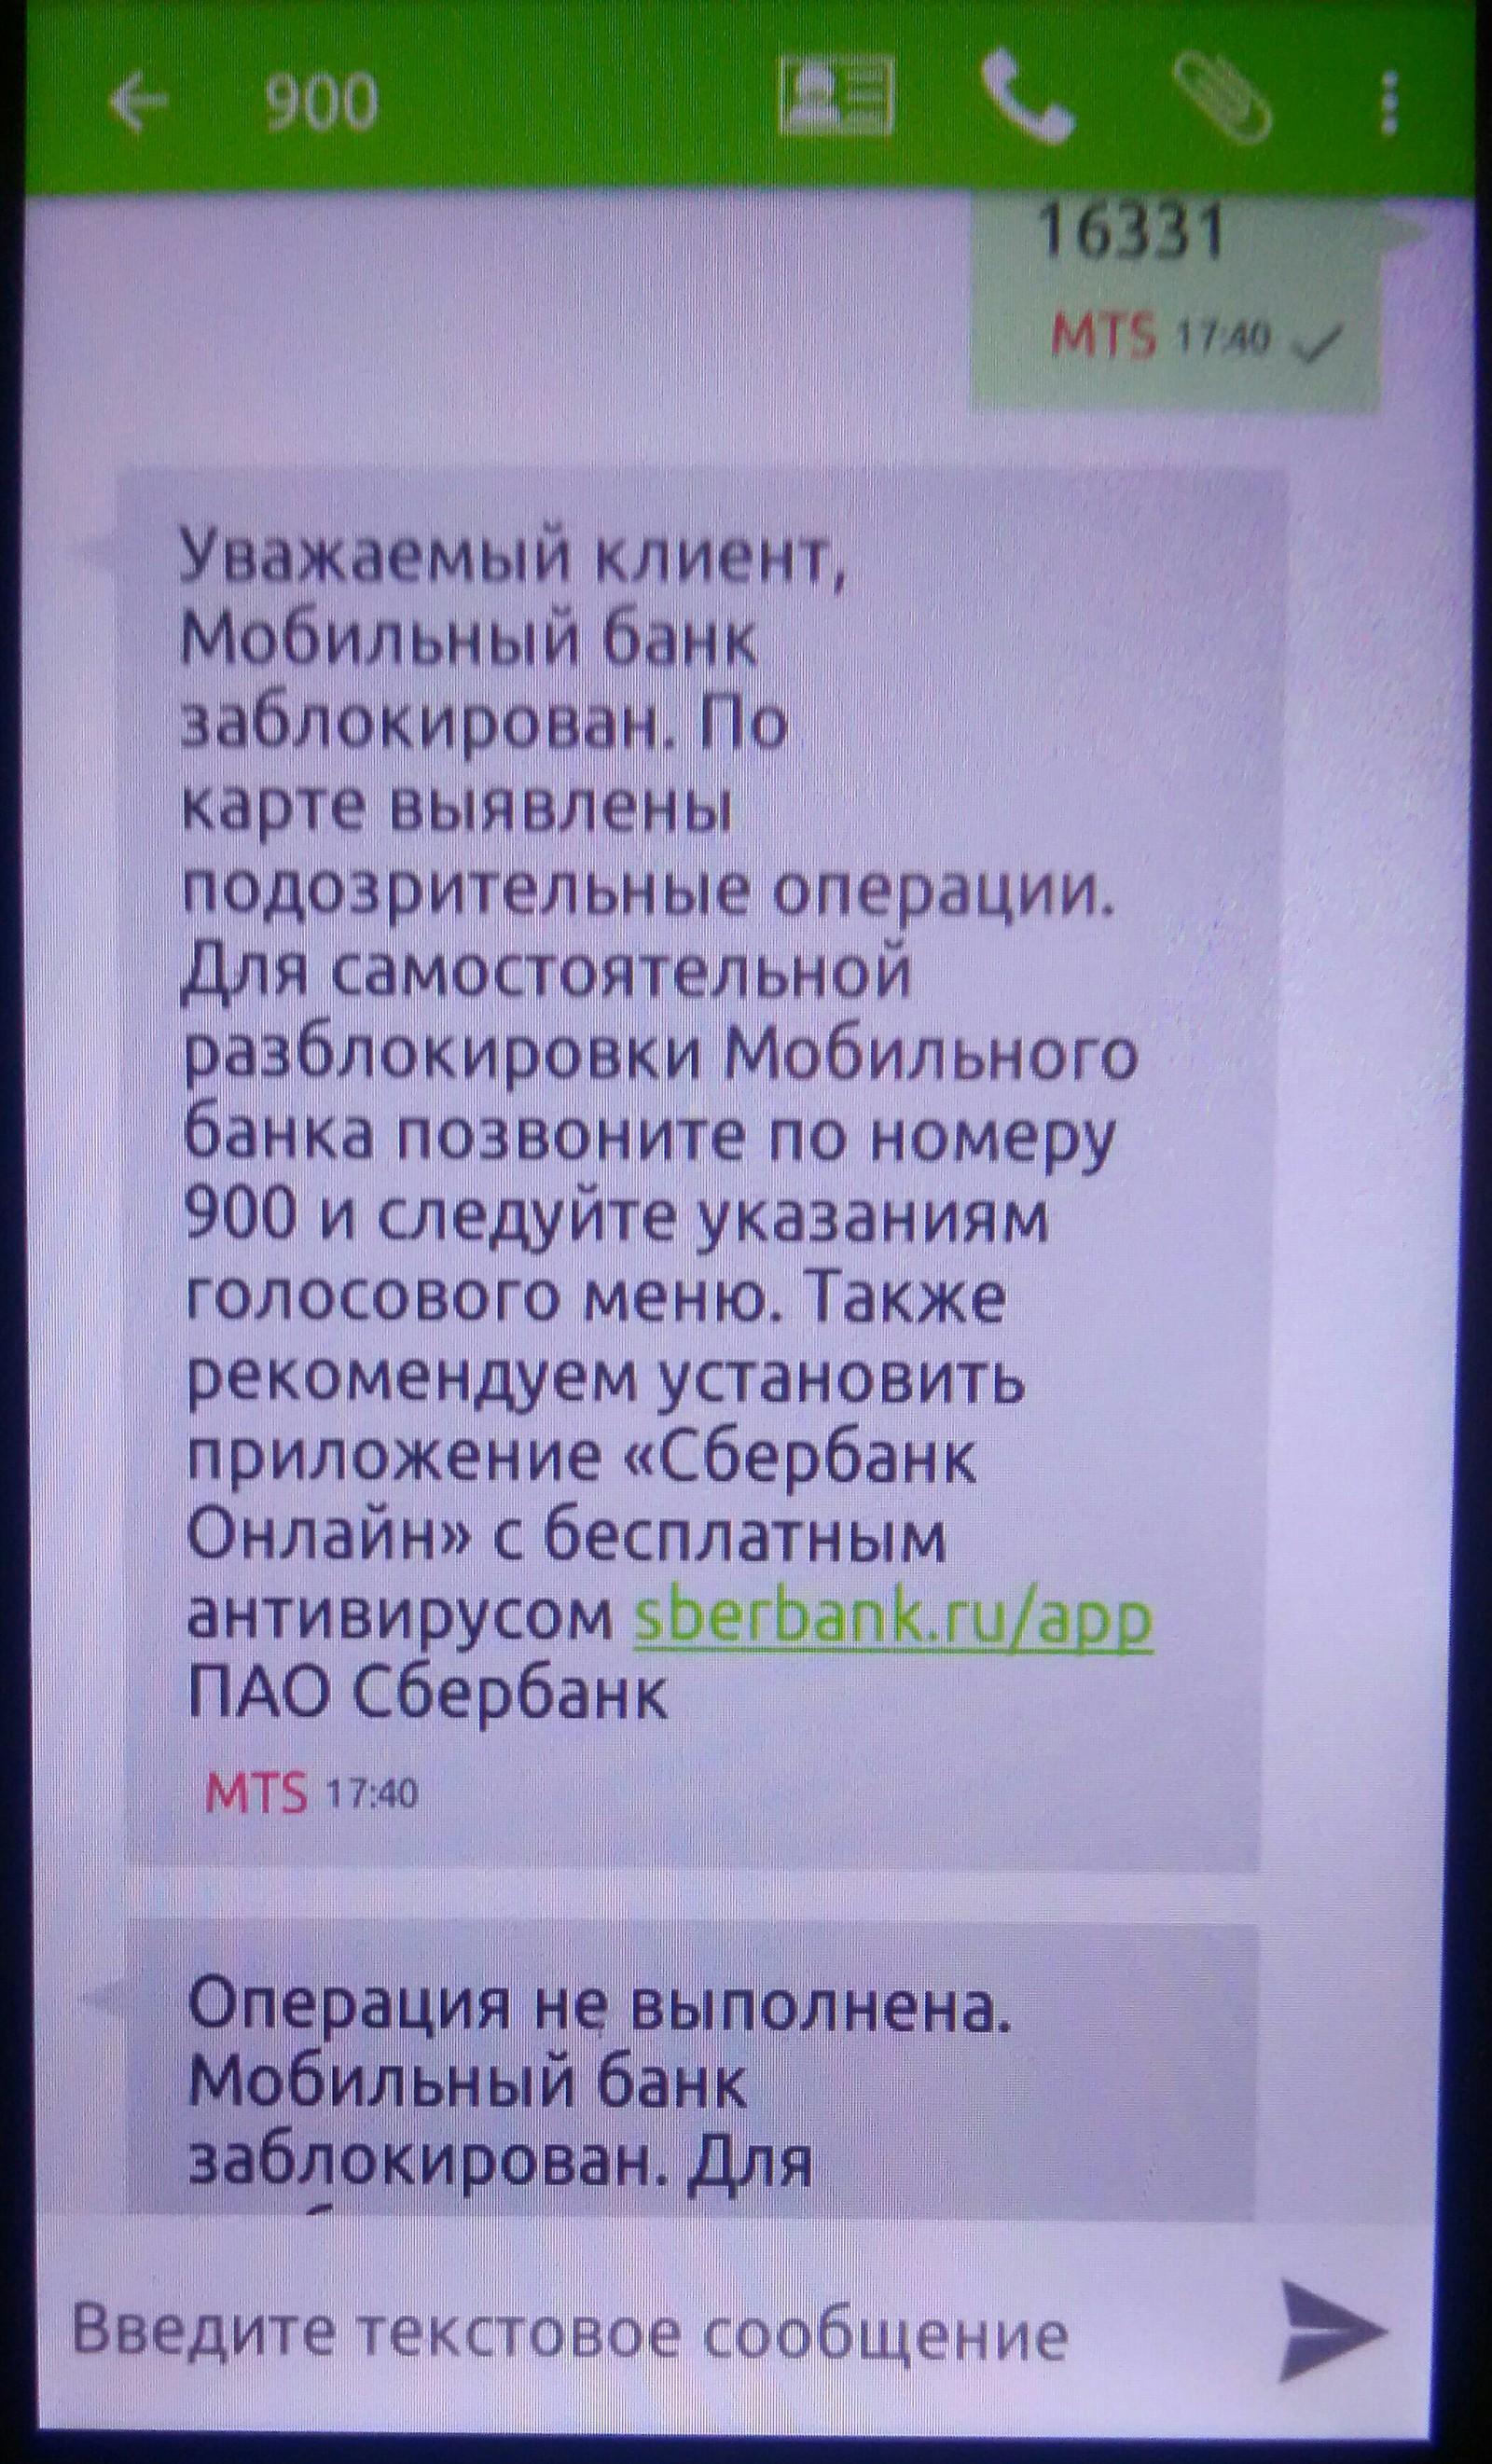 сбербанк онлайн и мобильный банк в 1 телефоне кредит в гомеле без справок и поручителей